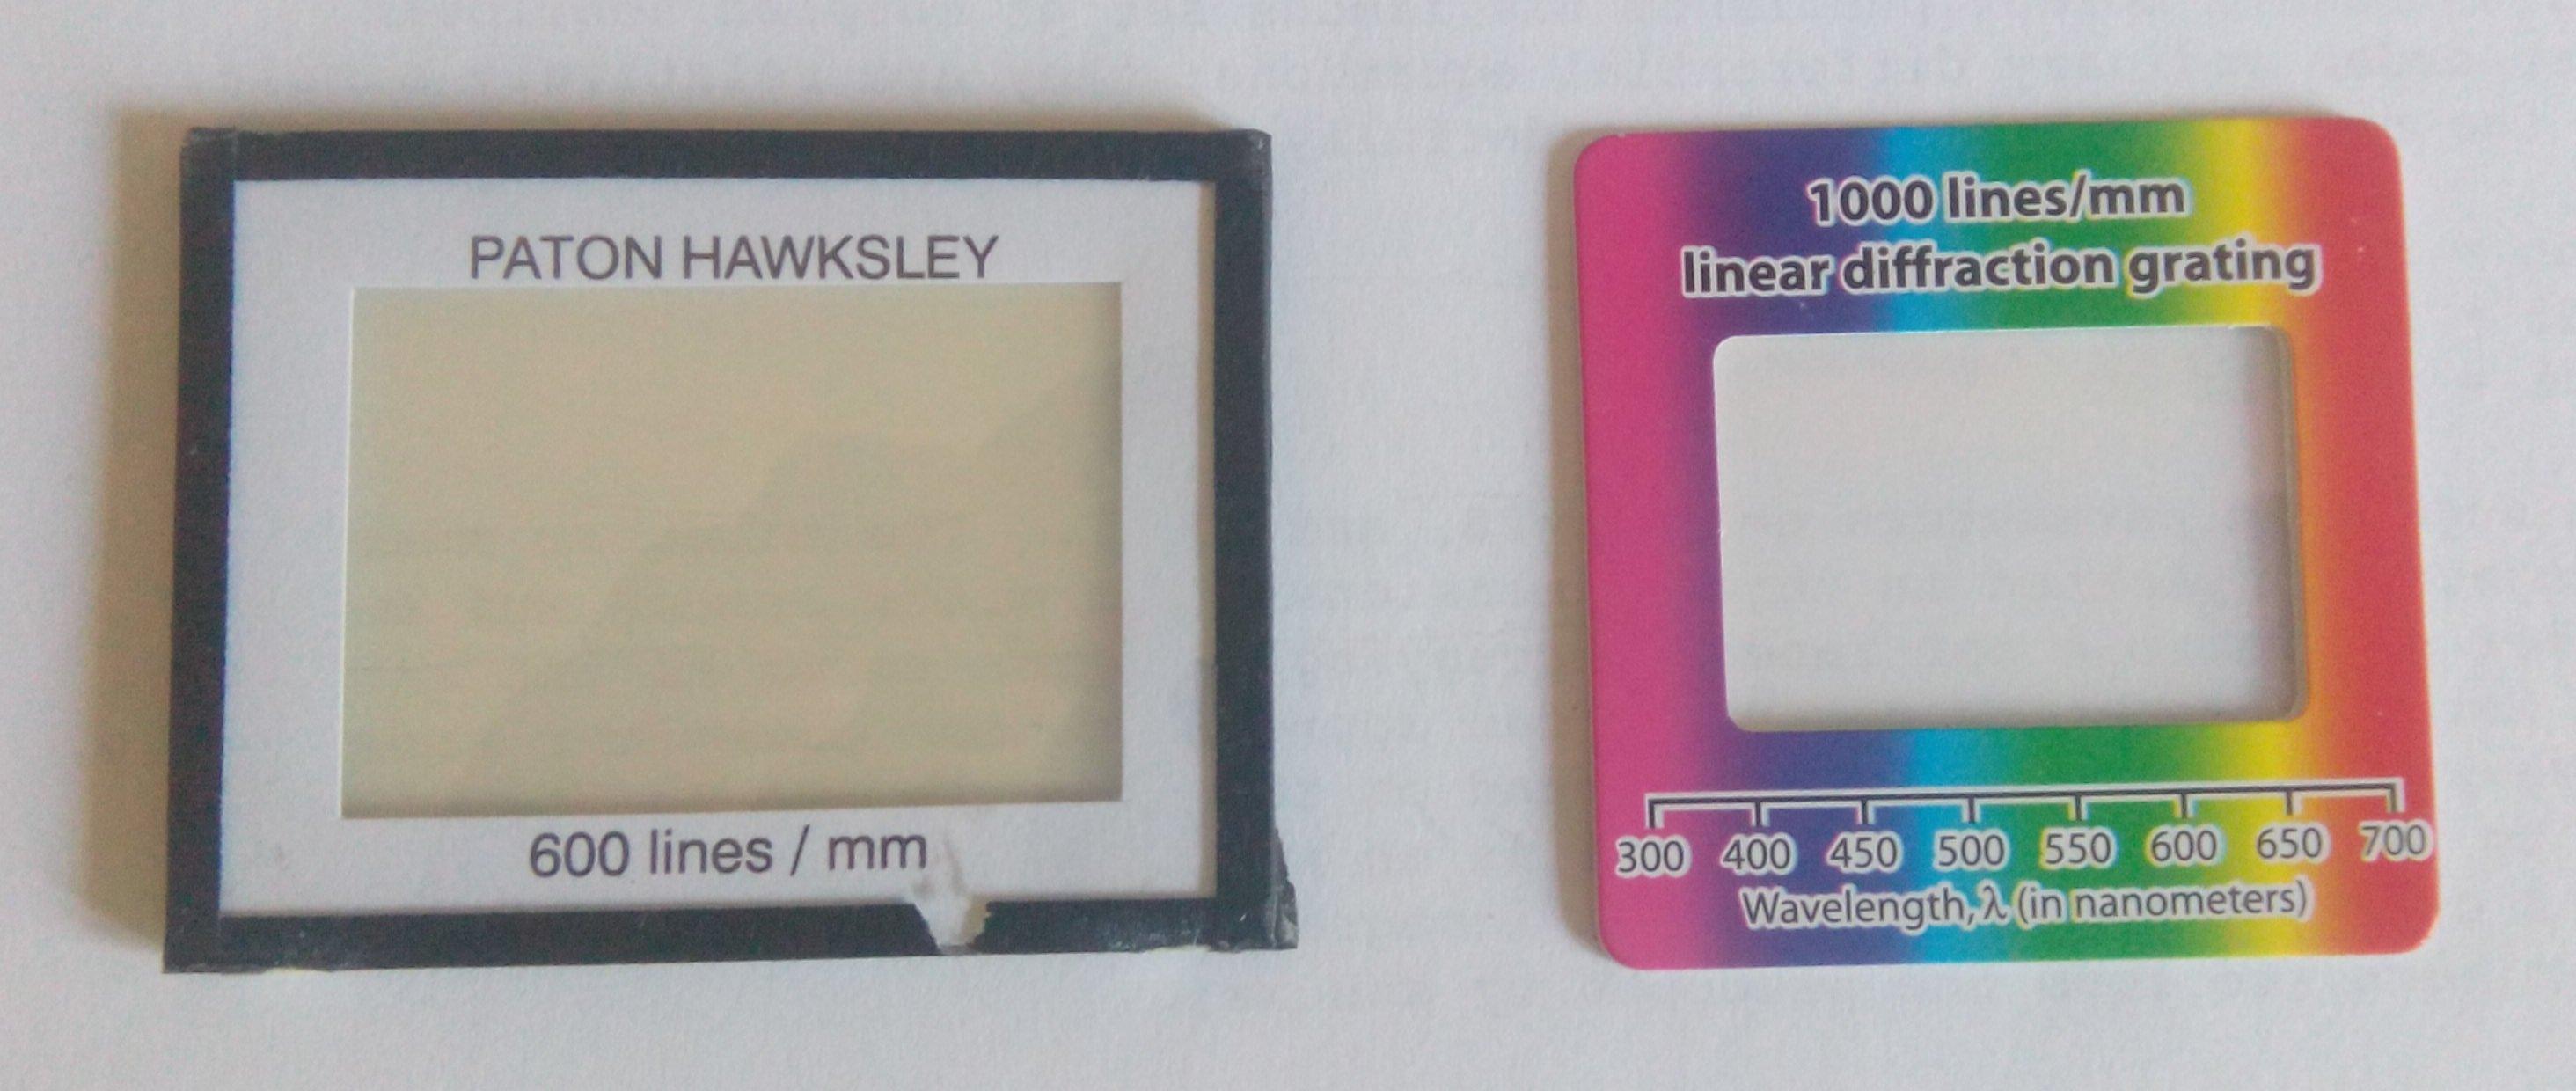 Diy Webcam Diffraction Grating Spectrometer Physicsopenlab